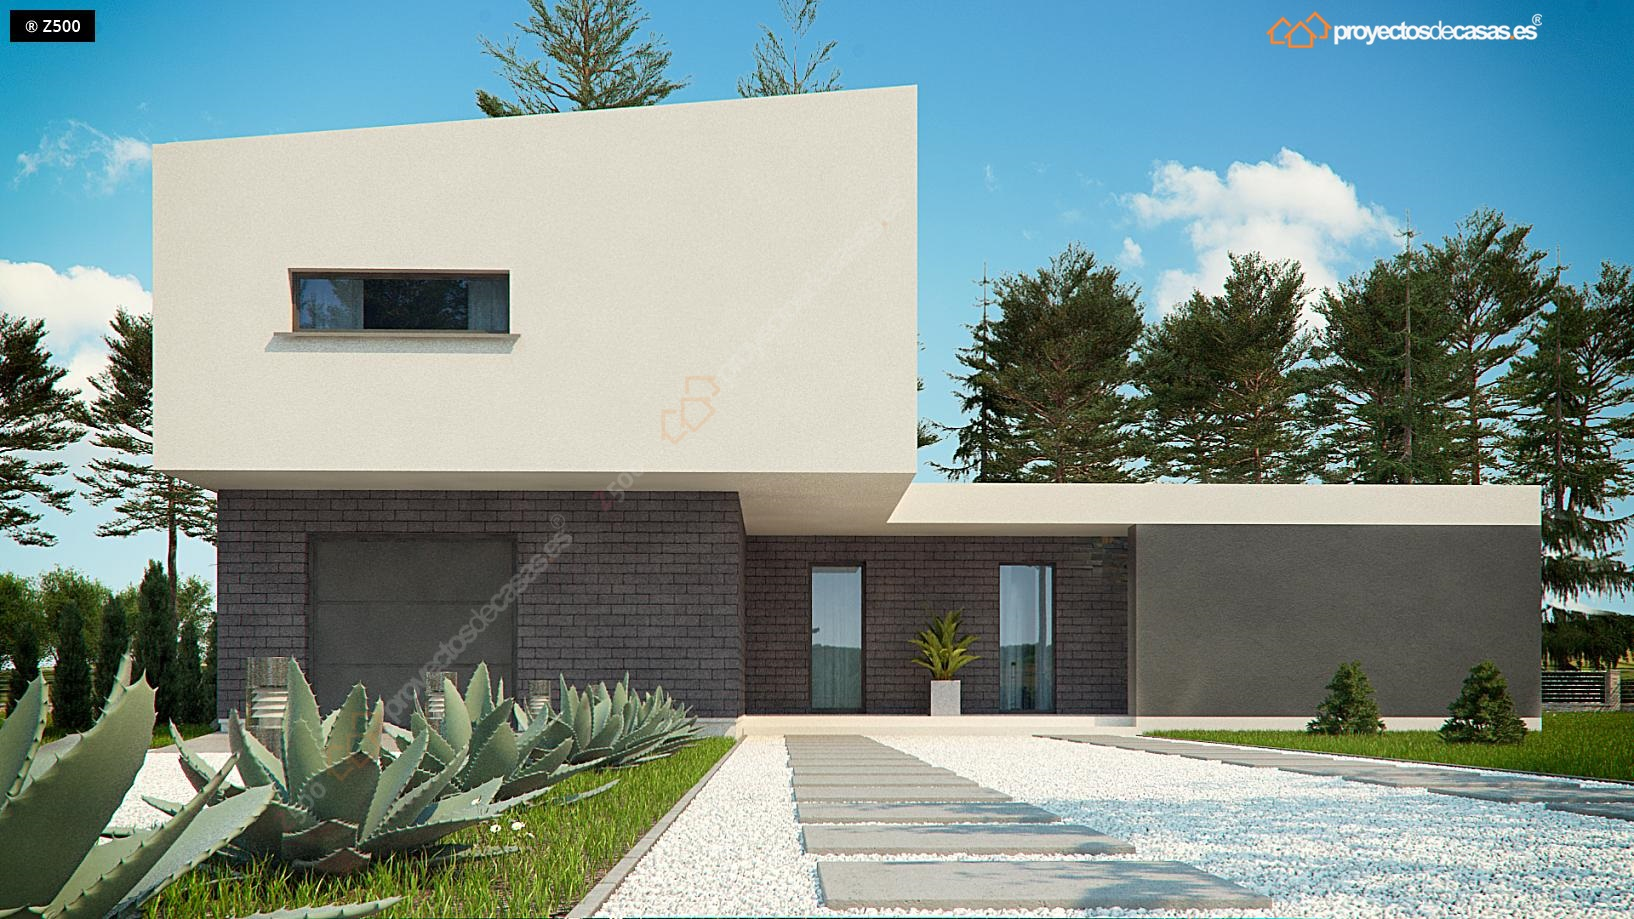 Proyectos De Casas Casa De Dise O Moderna